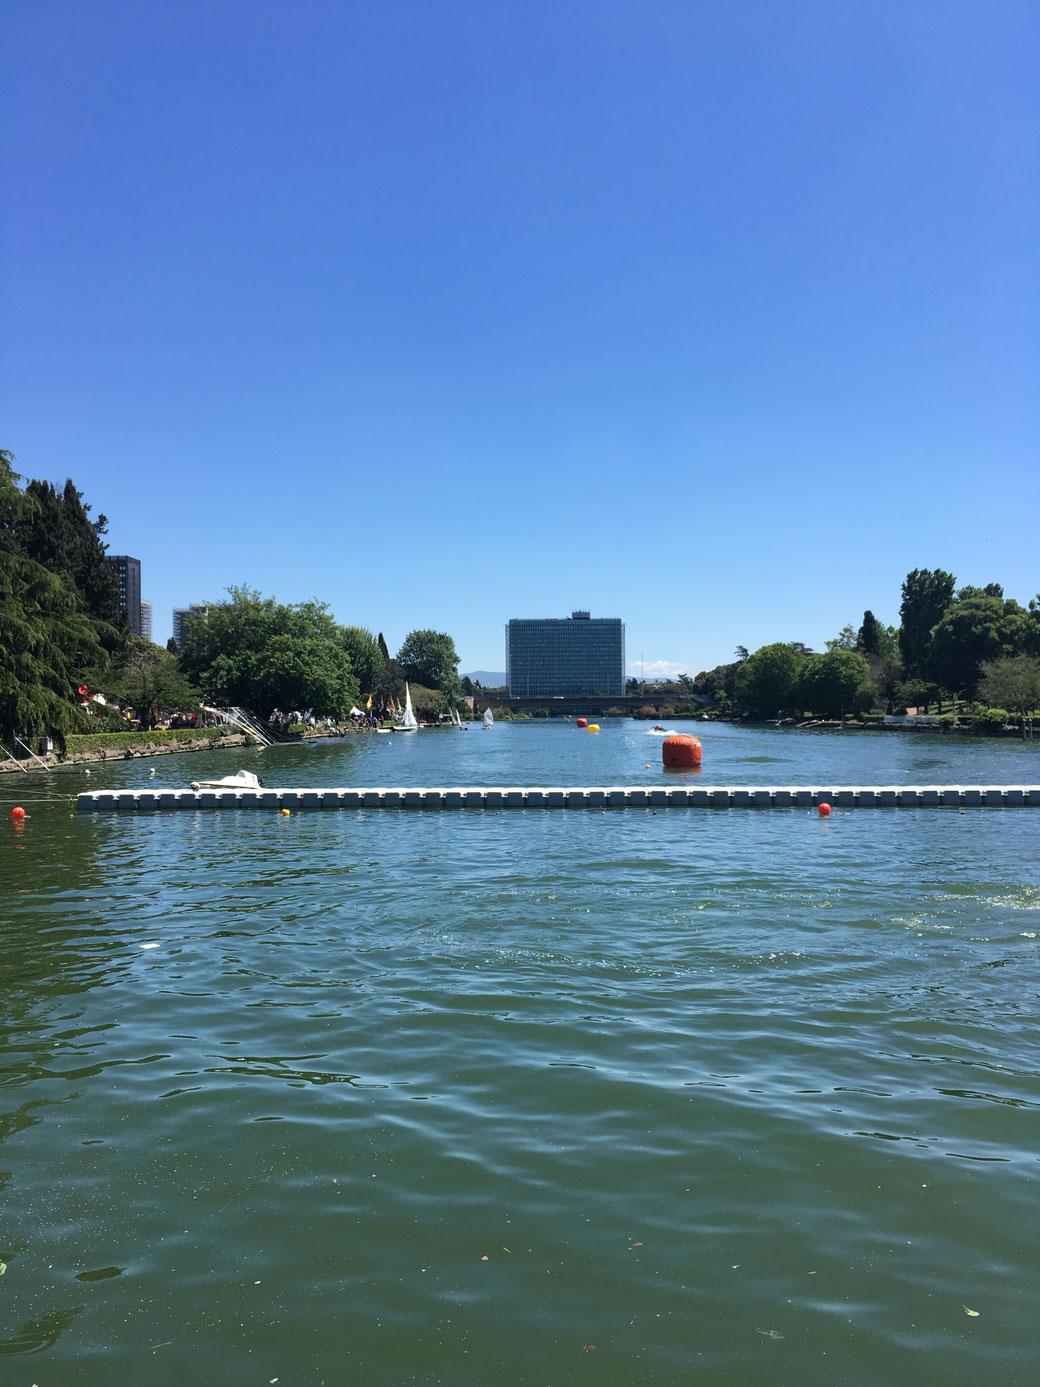 Der künstliche See in EUR dient den Römern als Naherholungsgebiet. Die Metro B hat eine Haltestelle direkt am Ufer.